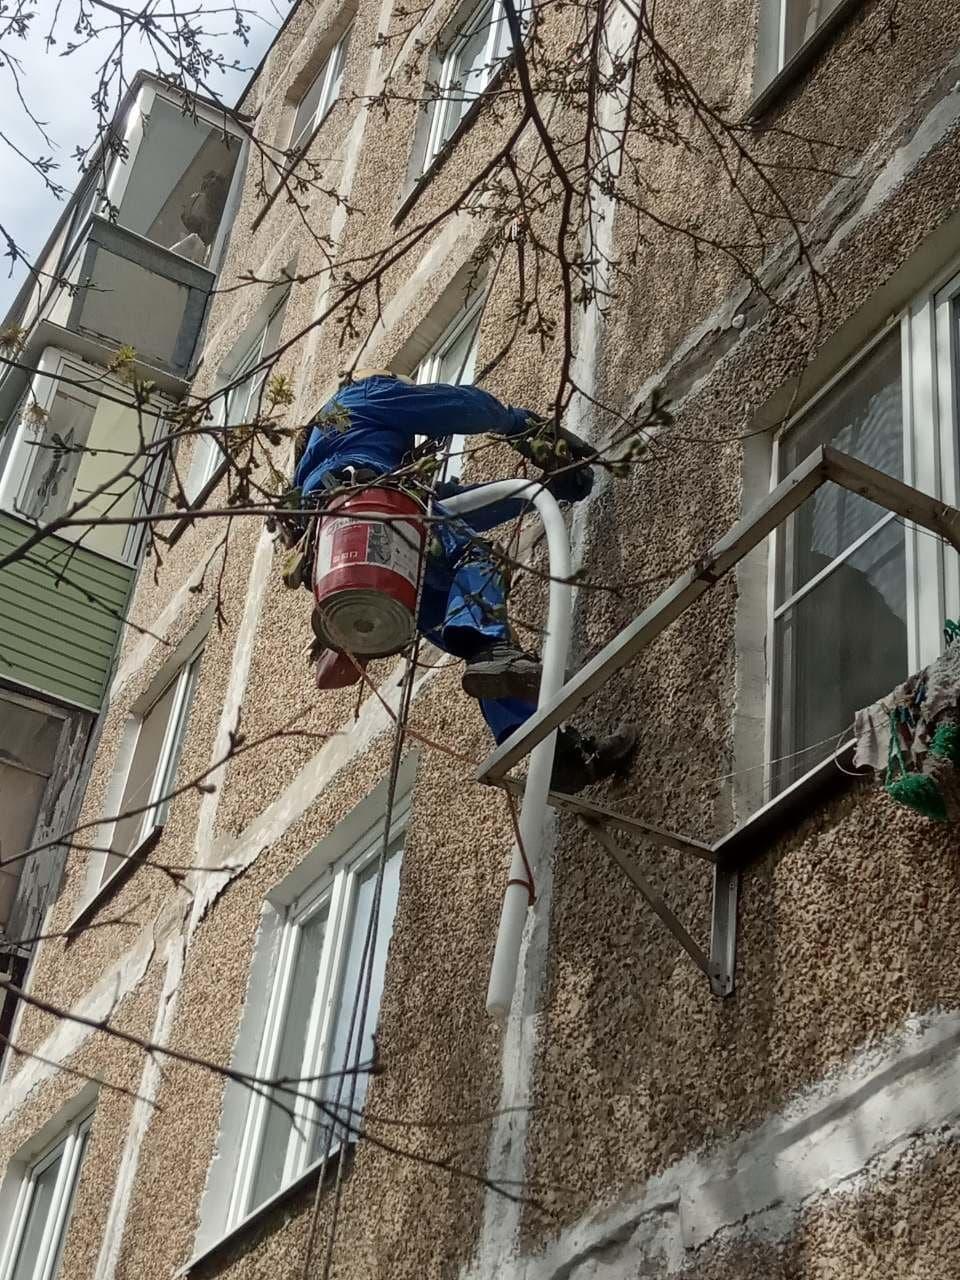 Управляющая компания ООО «ДГХ» организовала обучение трёх молодых коломенцев профессии промышленного альпиниста